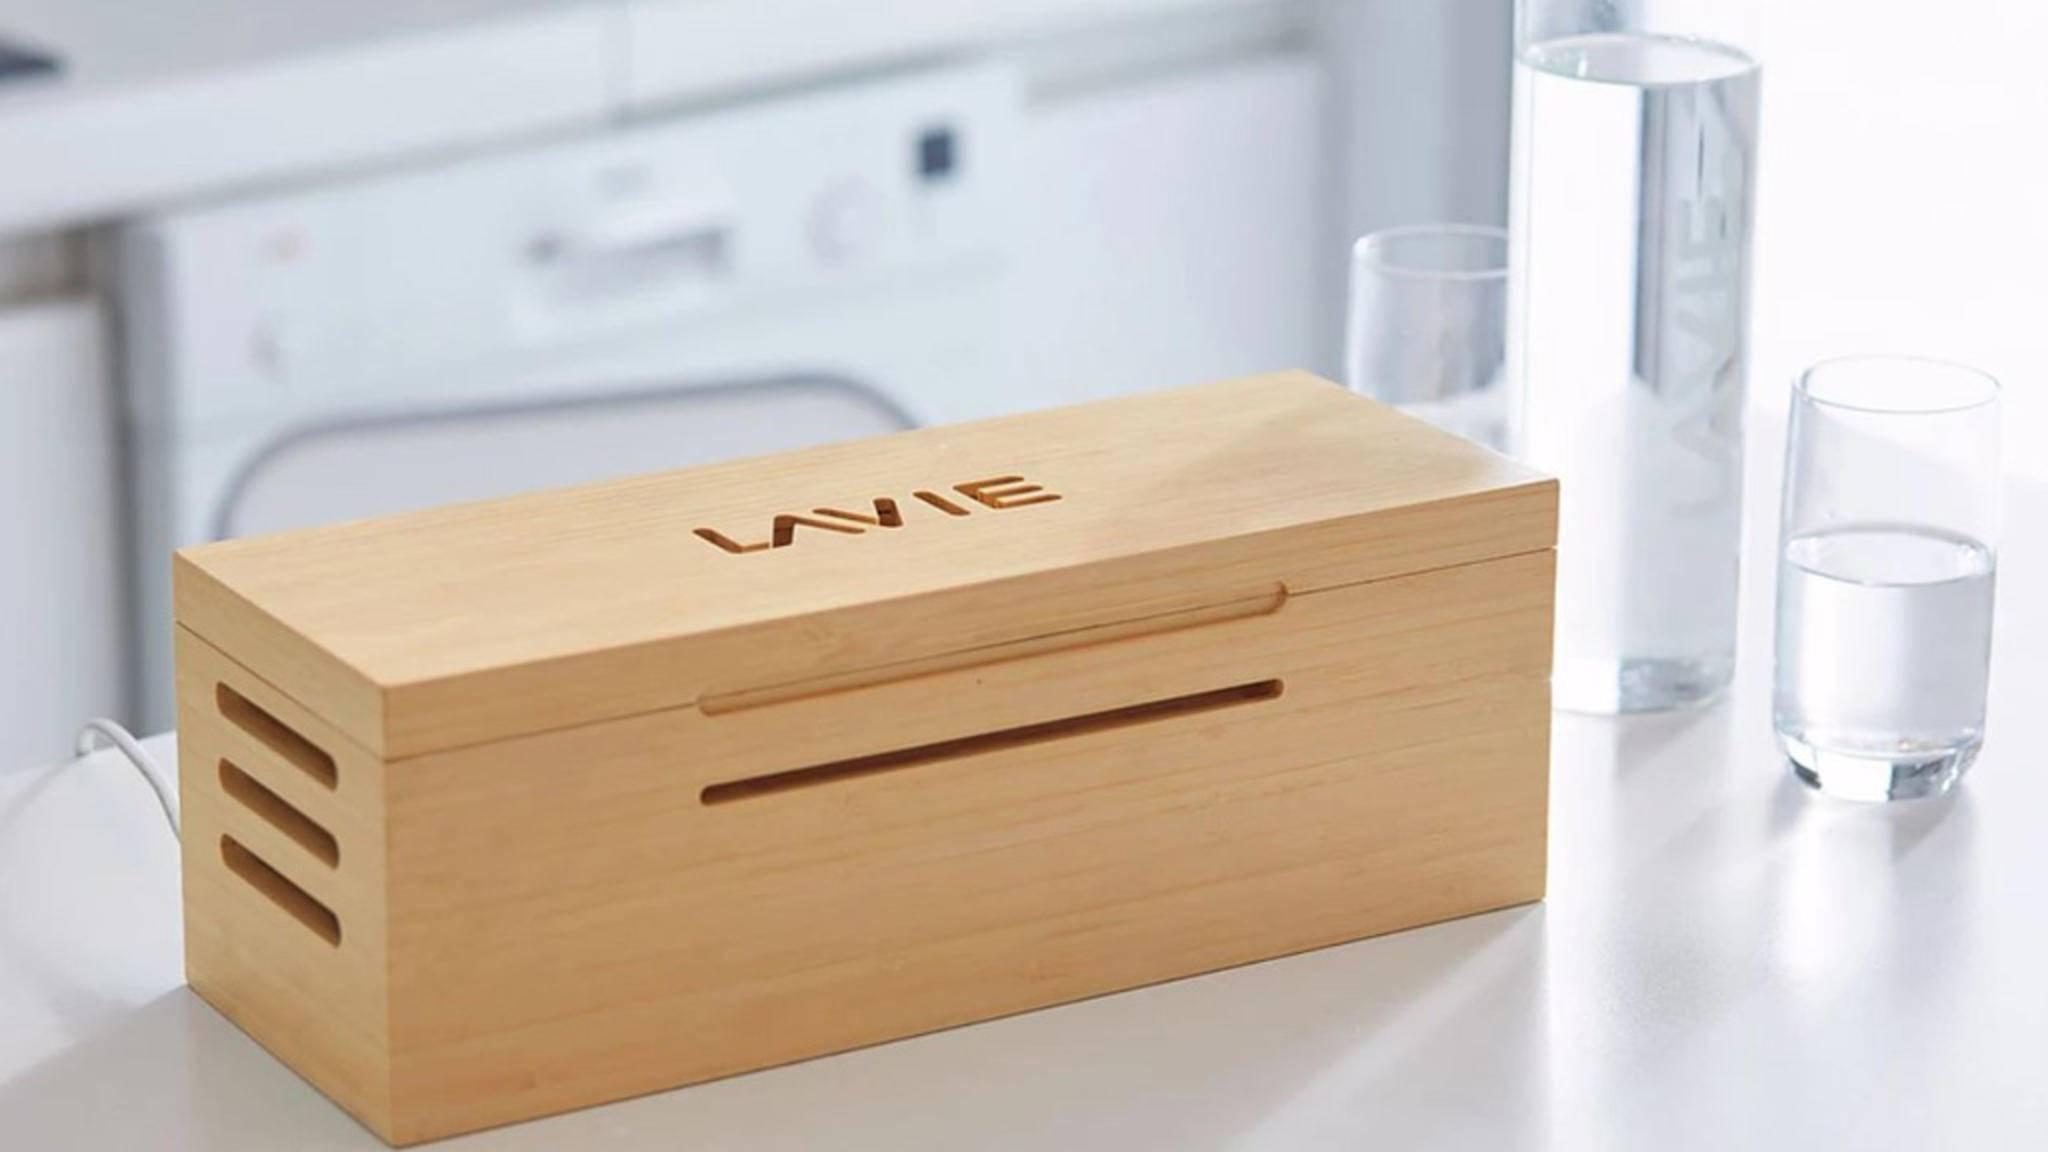 LaVie: Dieses Gadget reinigt Leitungswasser mit UV-Licht